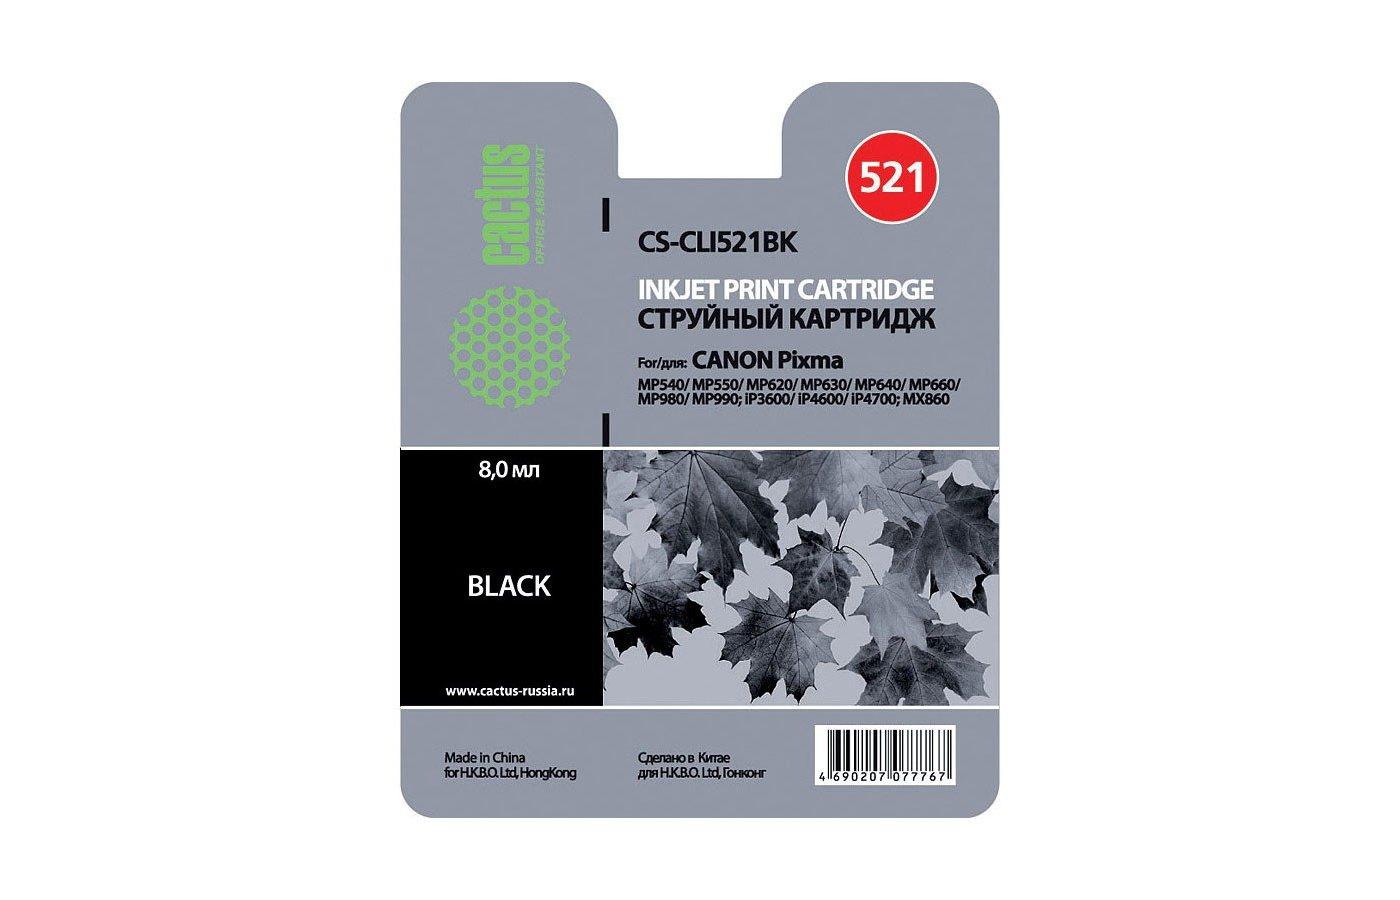 Картридж струйный Cactus CS-CLI521BK совместимый черный для Canon MP540/MP550/MP620/MP630 (8,2ml)